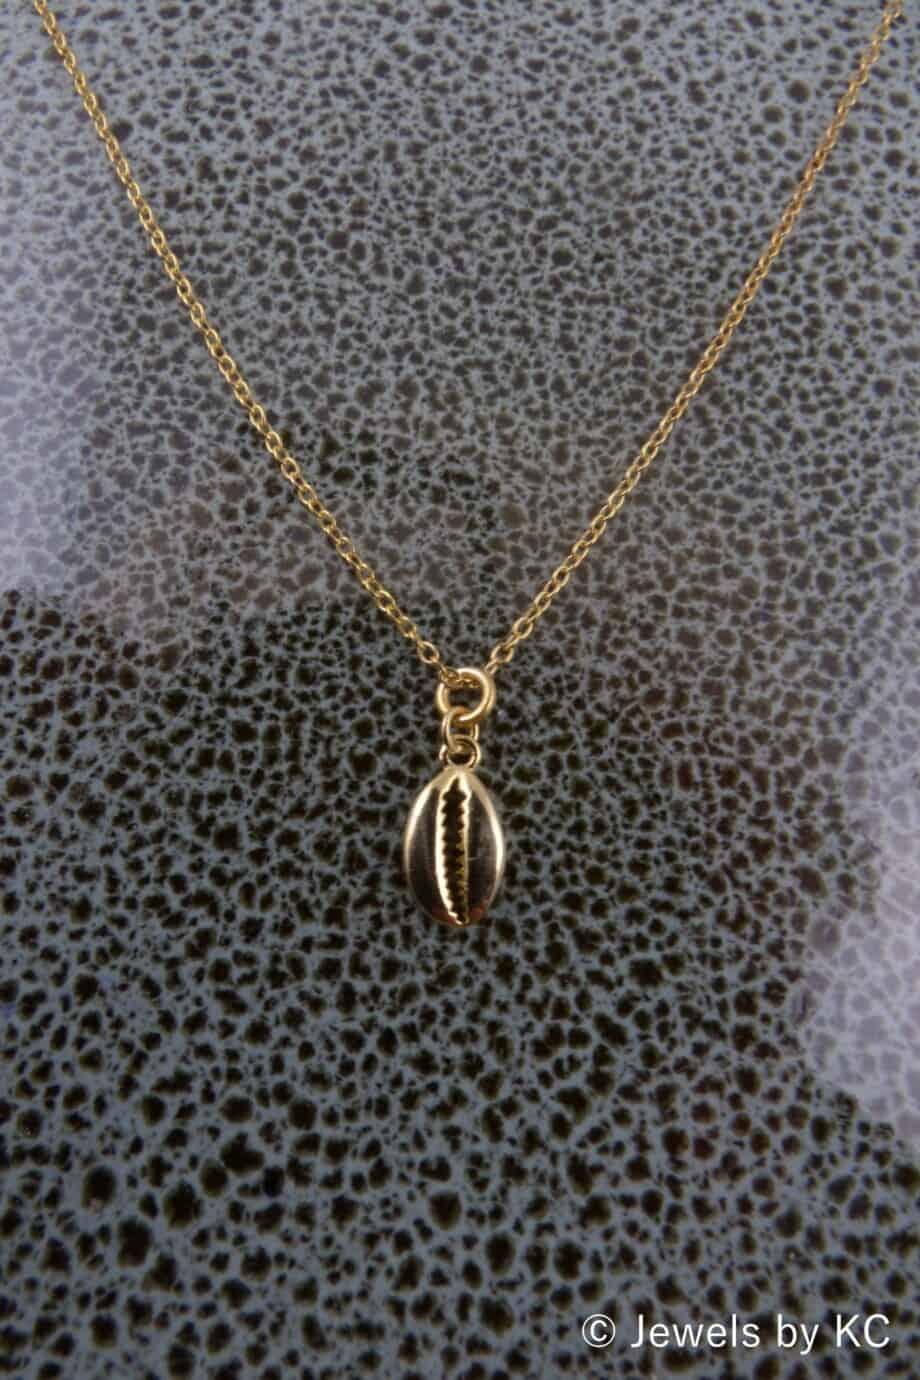 Gouden ketting met 'Kauri schelp' hanger van Goud op Zilver